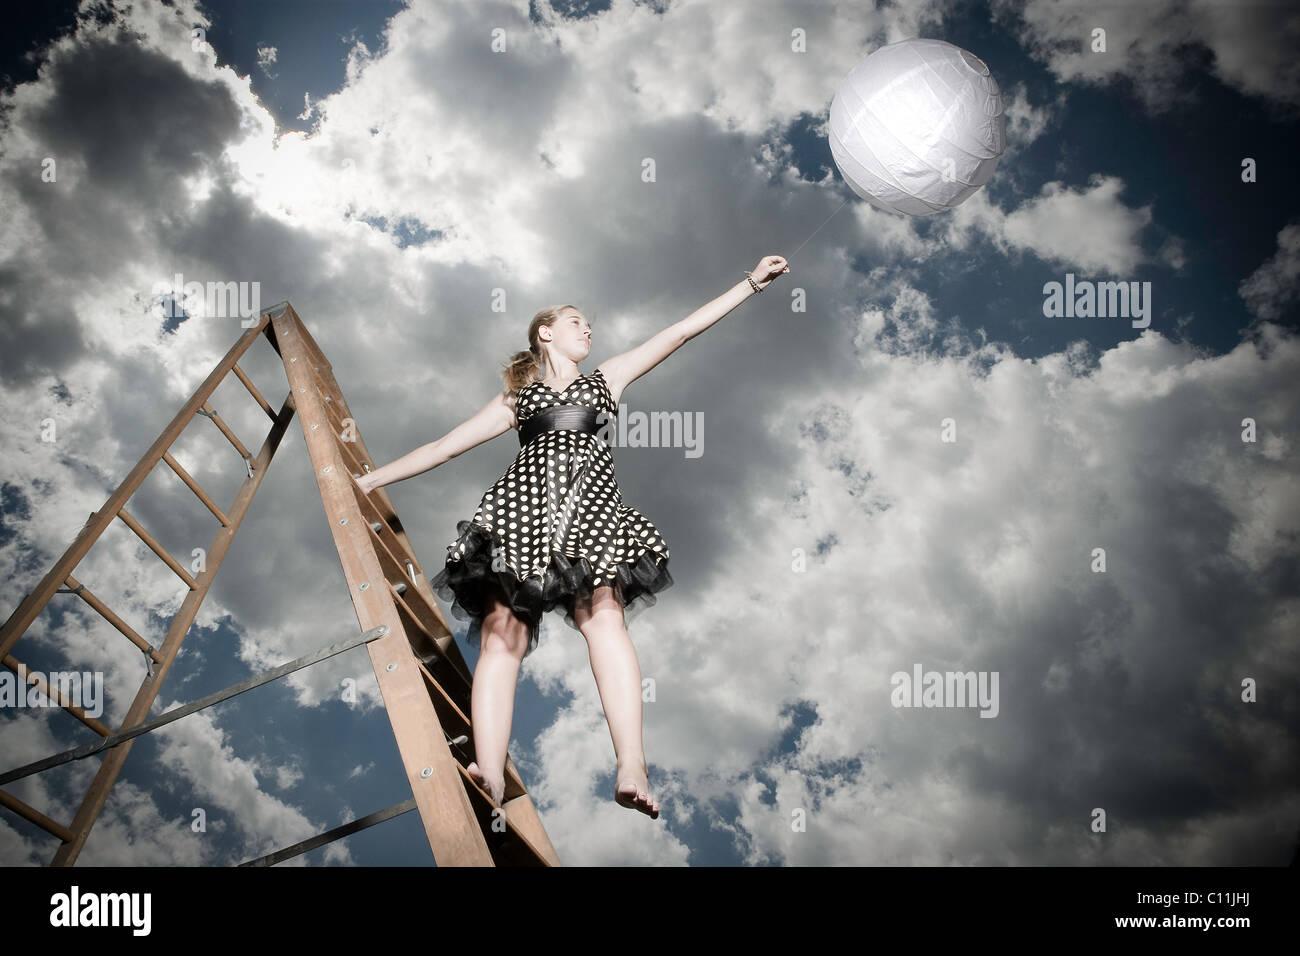 Una ragazza adolescente che indossa una in bianco e nero di polka abito punteggiata sorge su una scala mantenendo Immagini Stock